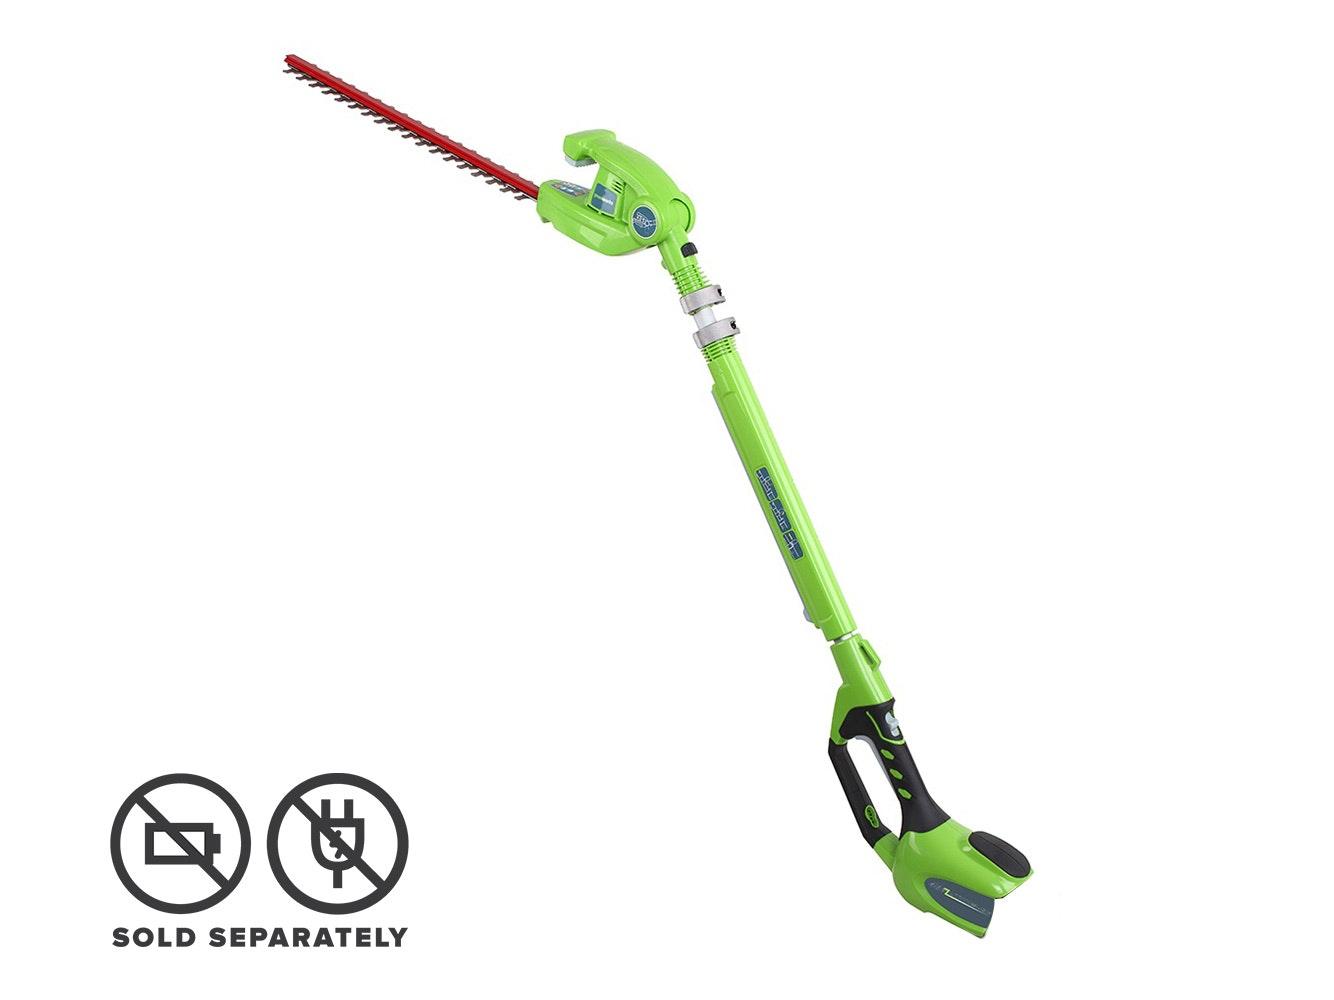 GreenWorks Long Reach Hedge Trimmer G-MAX 40V Li-Ion